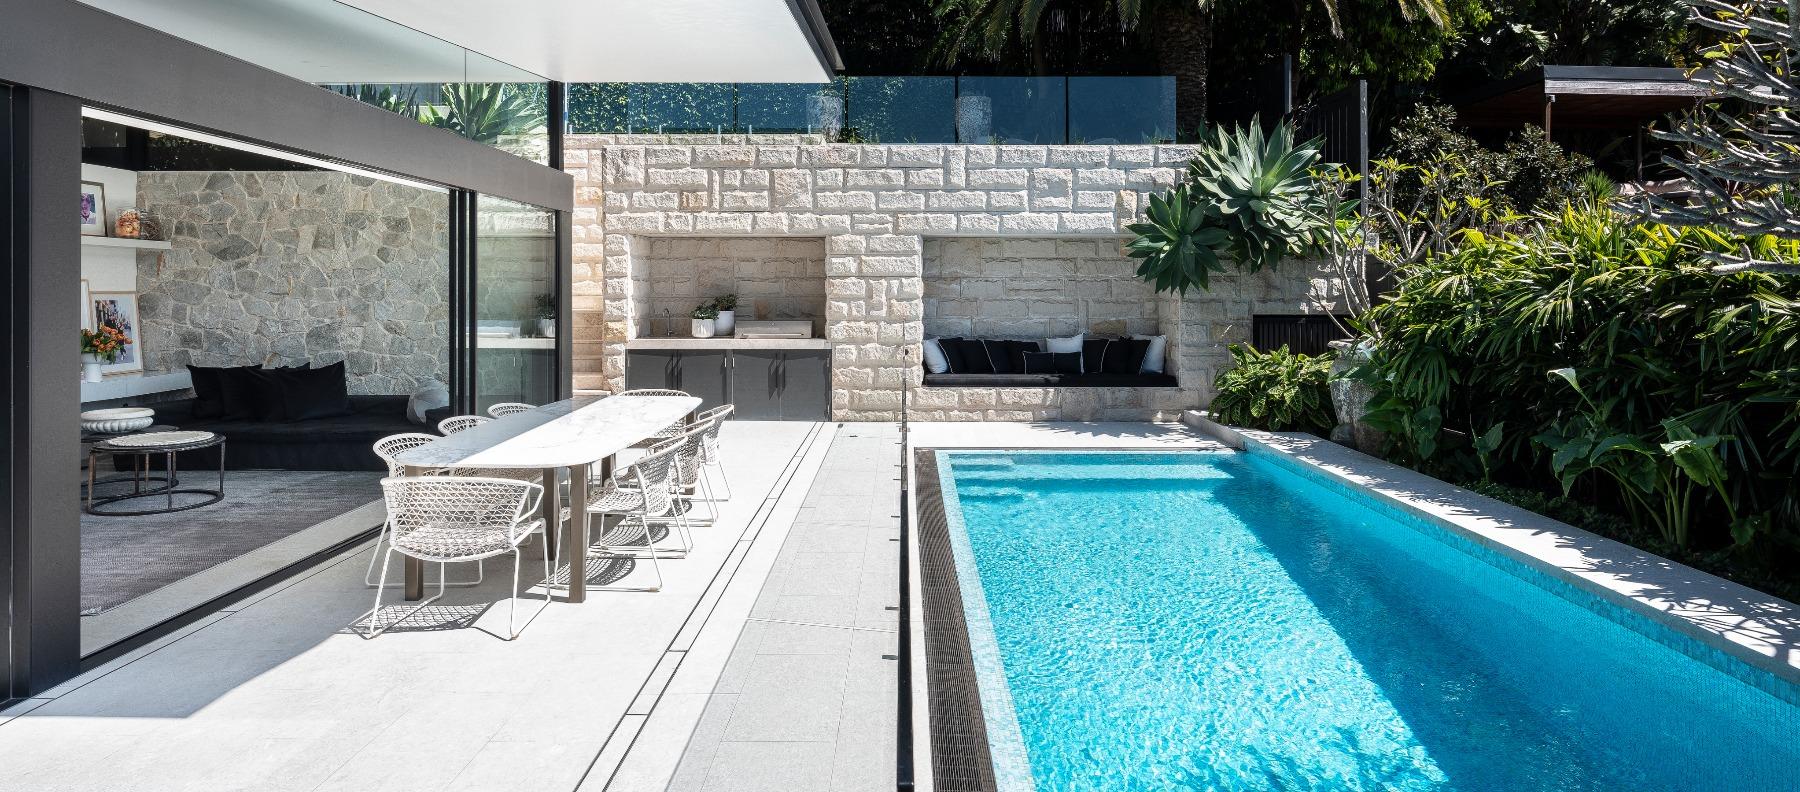 limestone alfresco pool